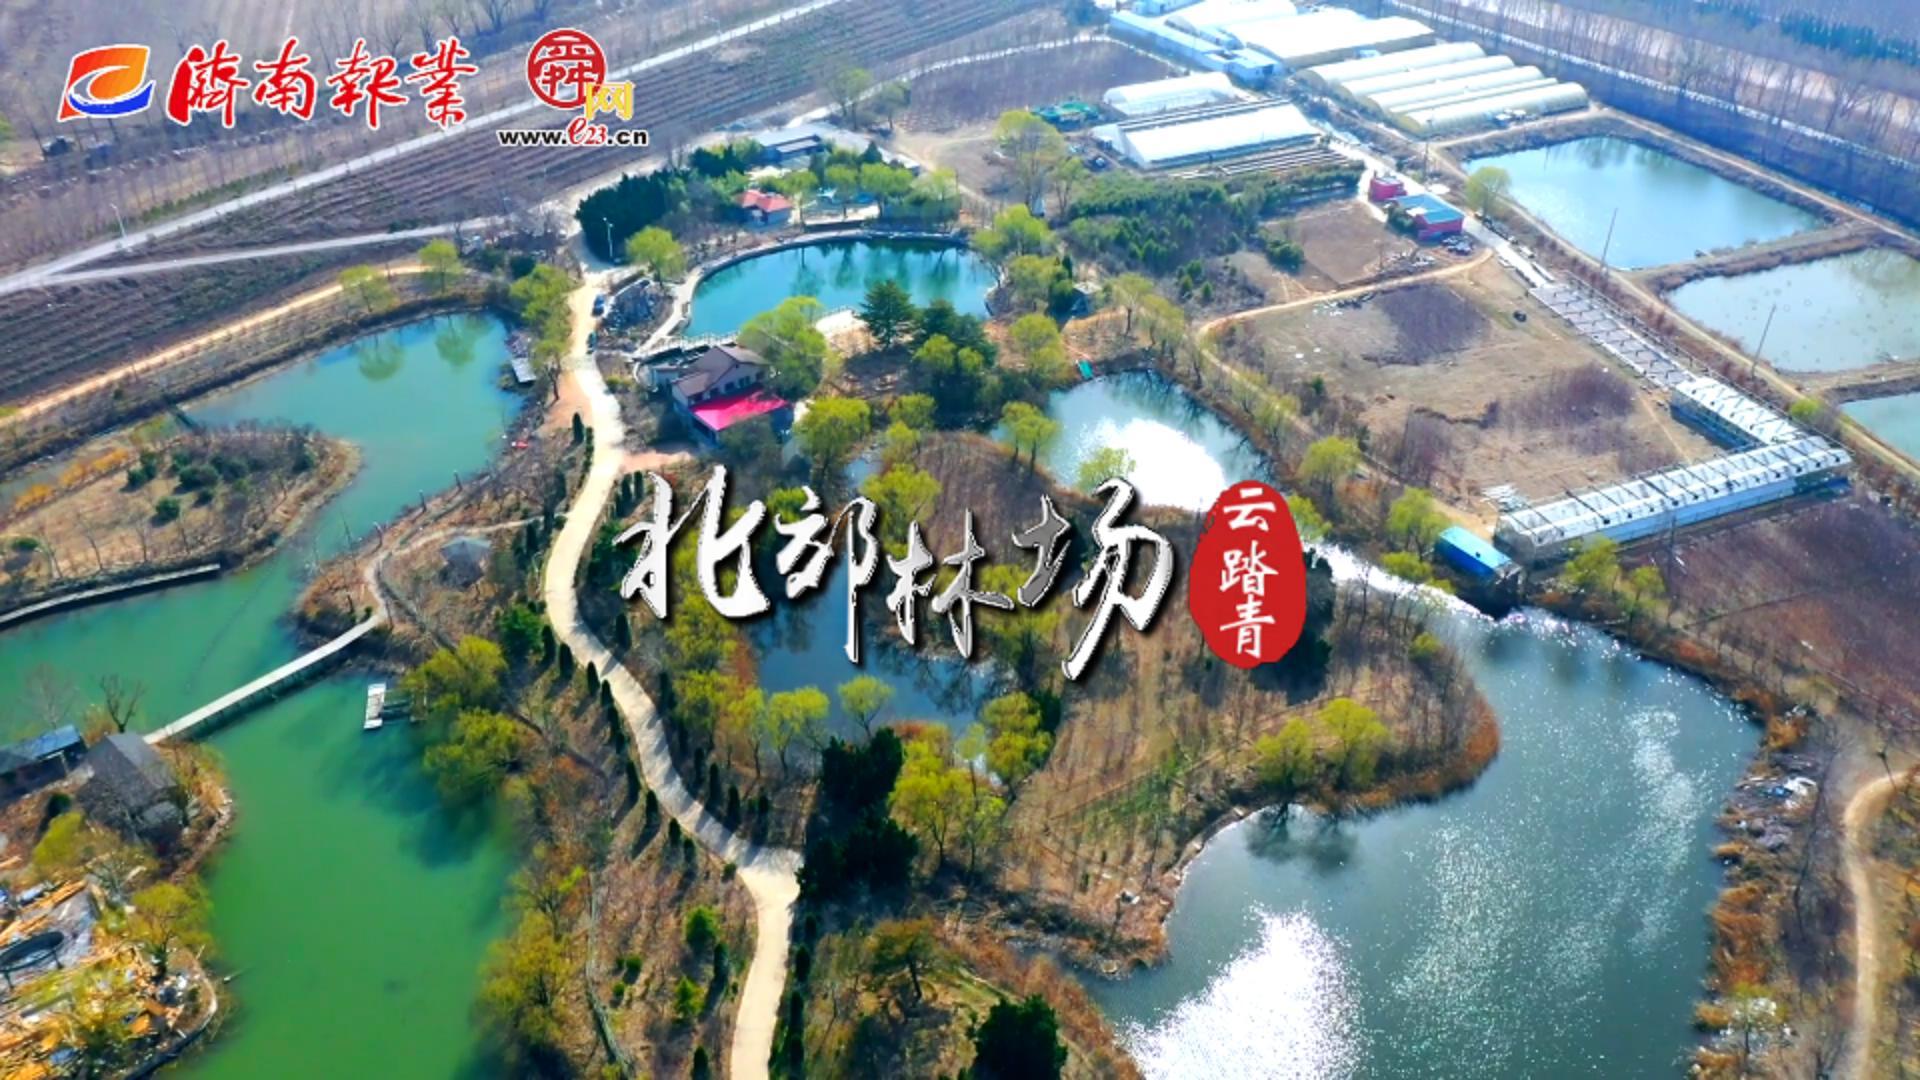 """3.12云踏青特辑   北郊林场邀您""""云""""植树"""